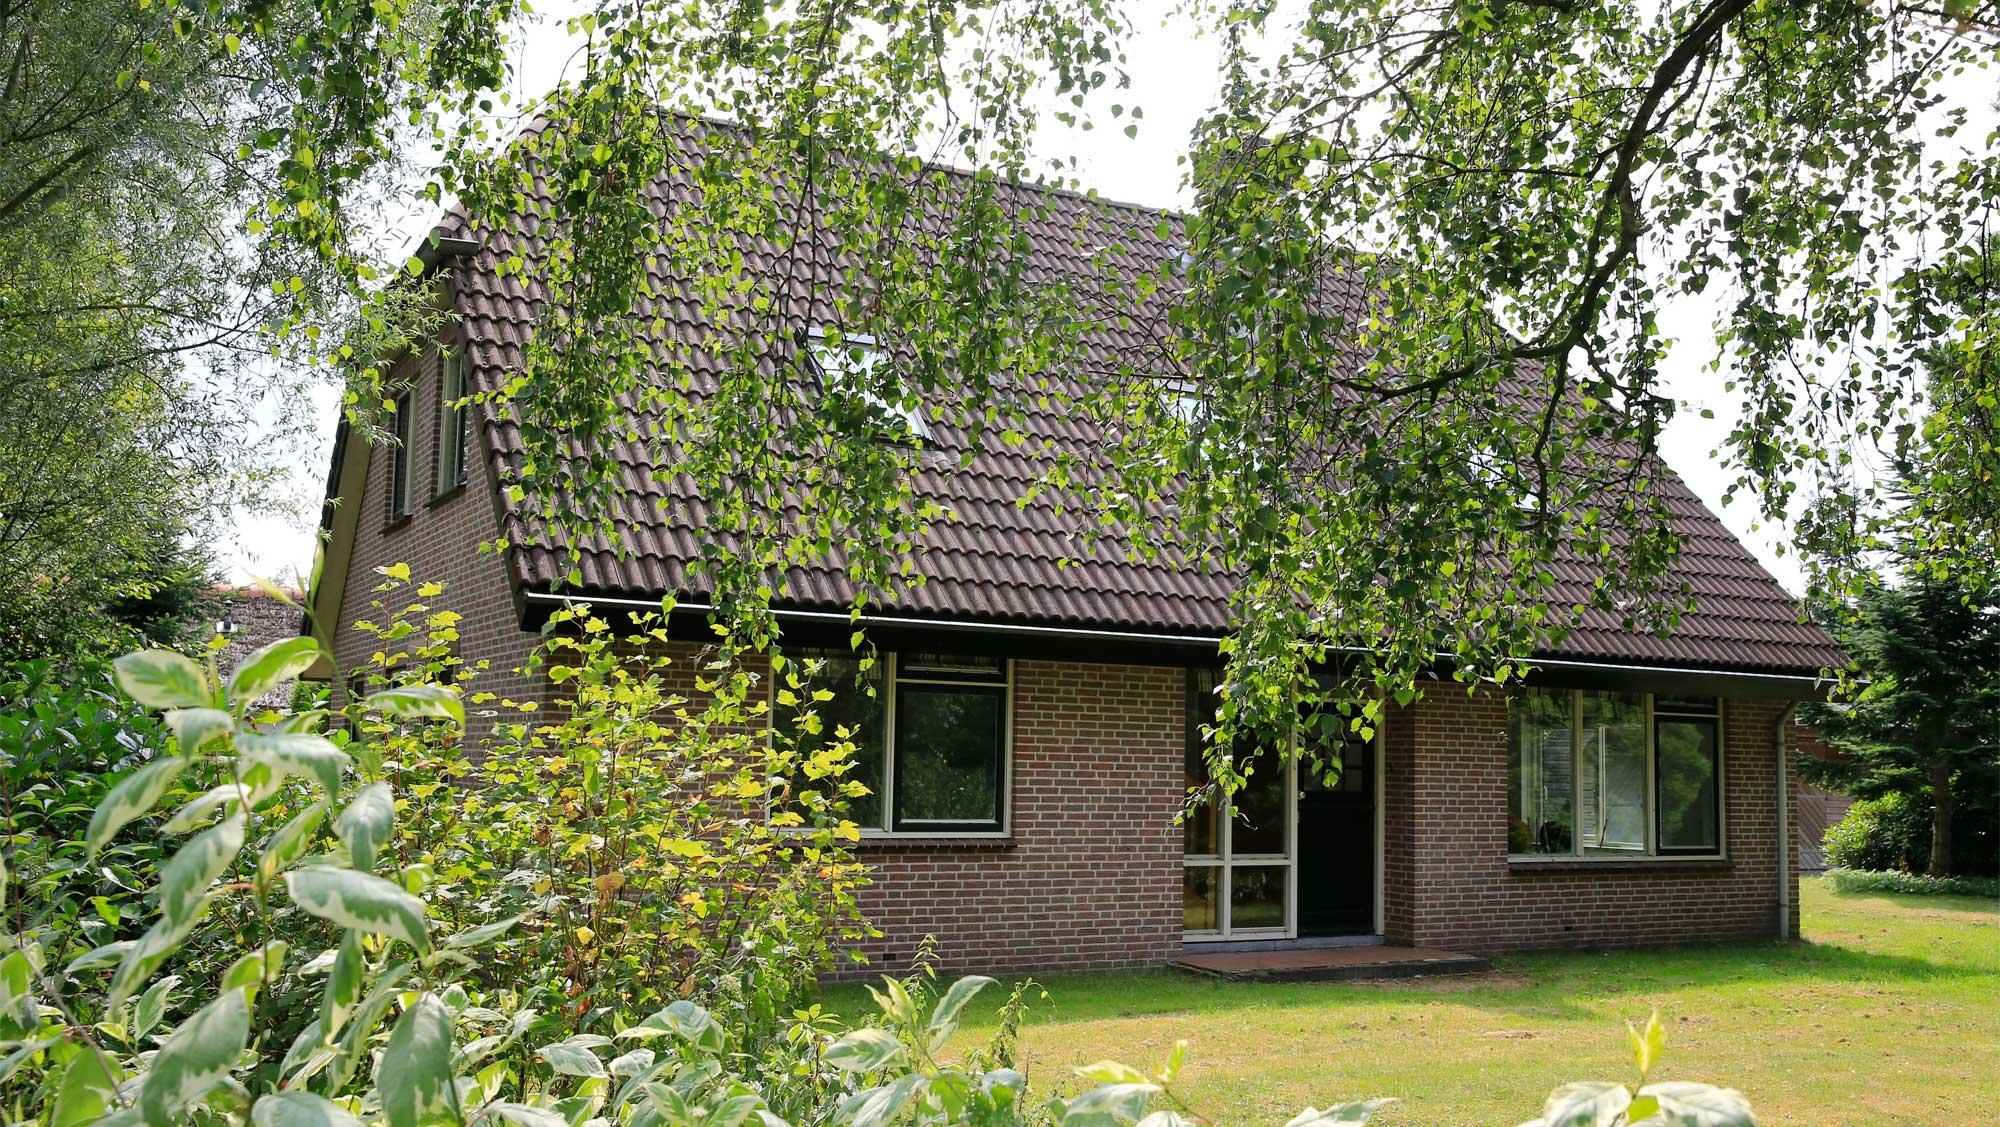 14pers bungalow Hooiakker Molecaten Park Het Landschap 01